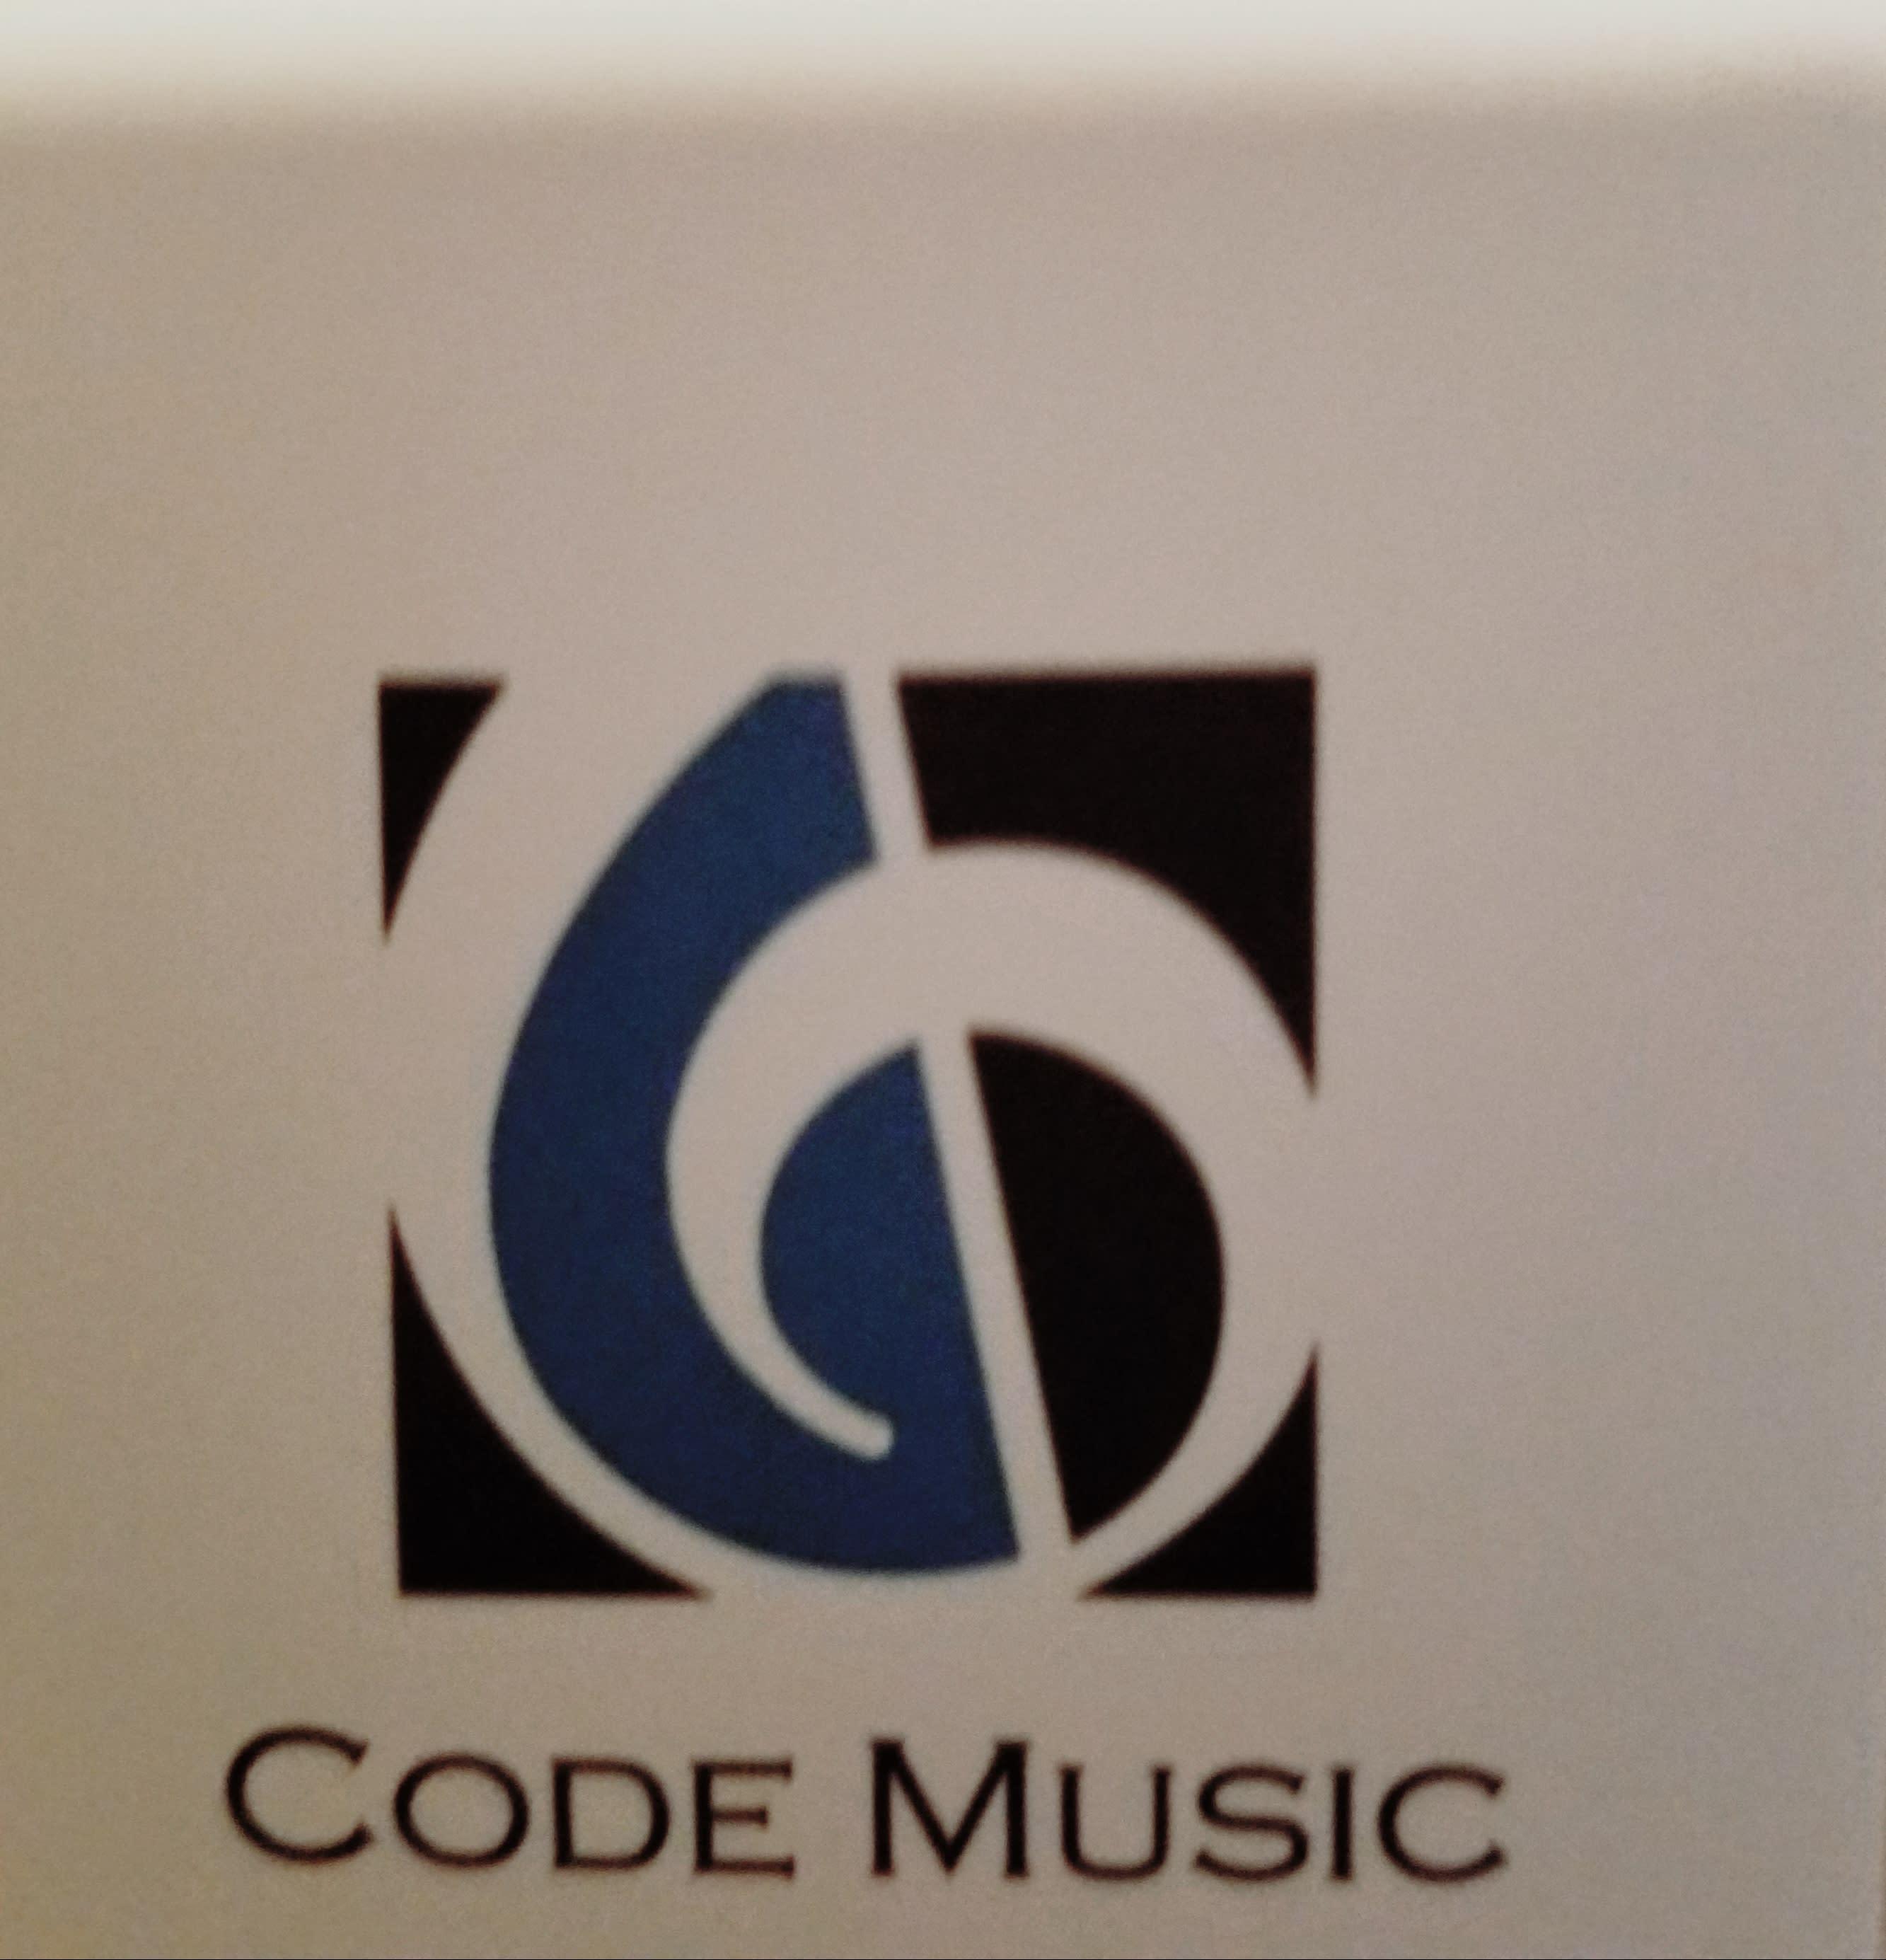 CODEmusic